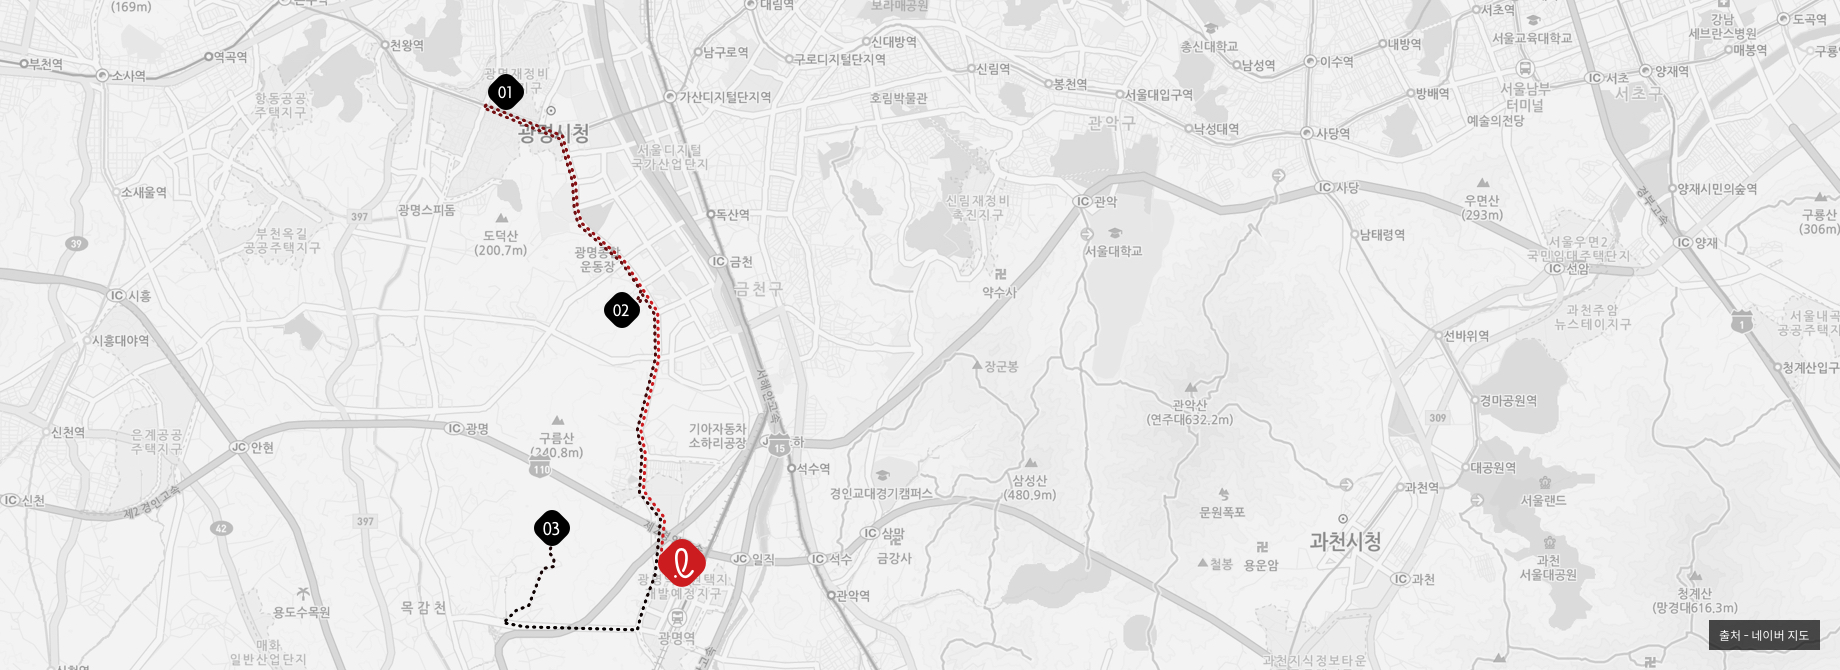 광명 나들이코스 지도, 하단 영역으로 설명 확인 부탁드립니다.